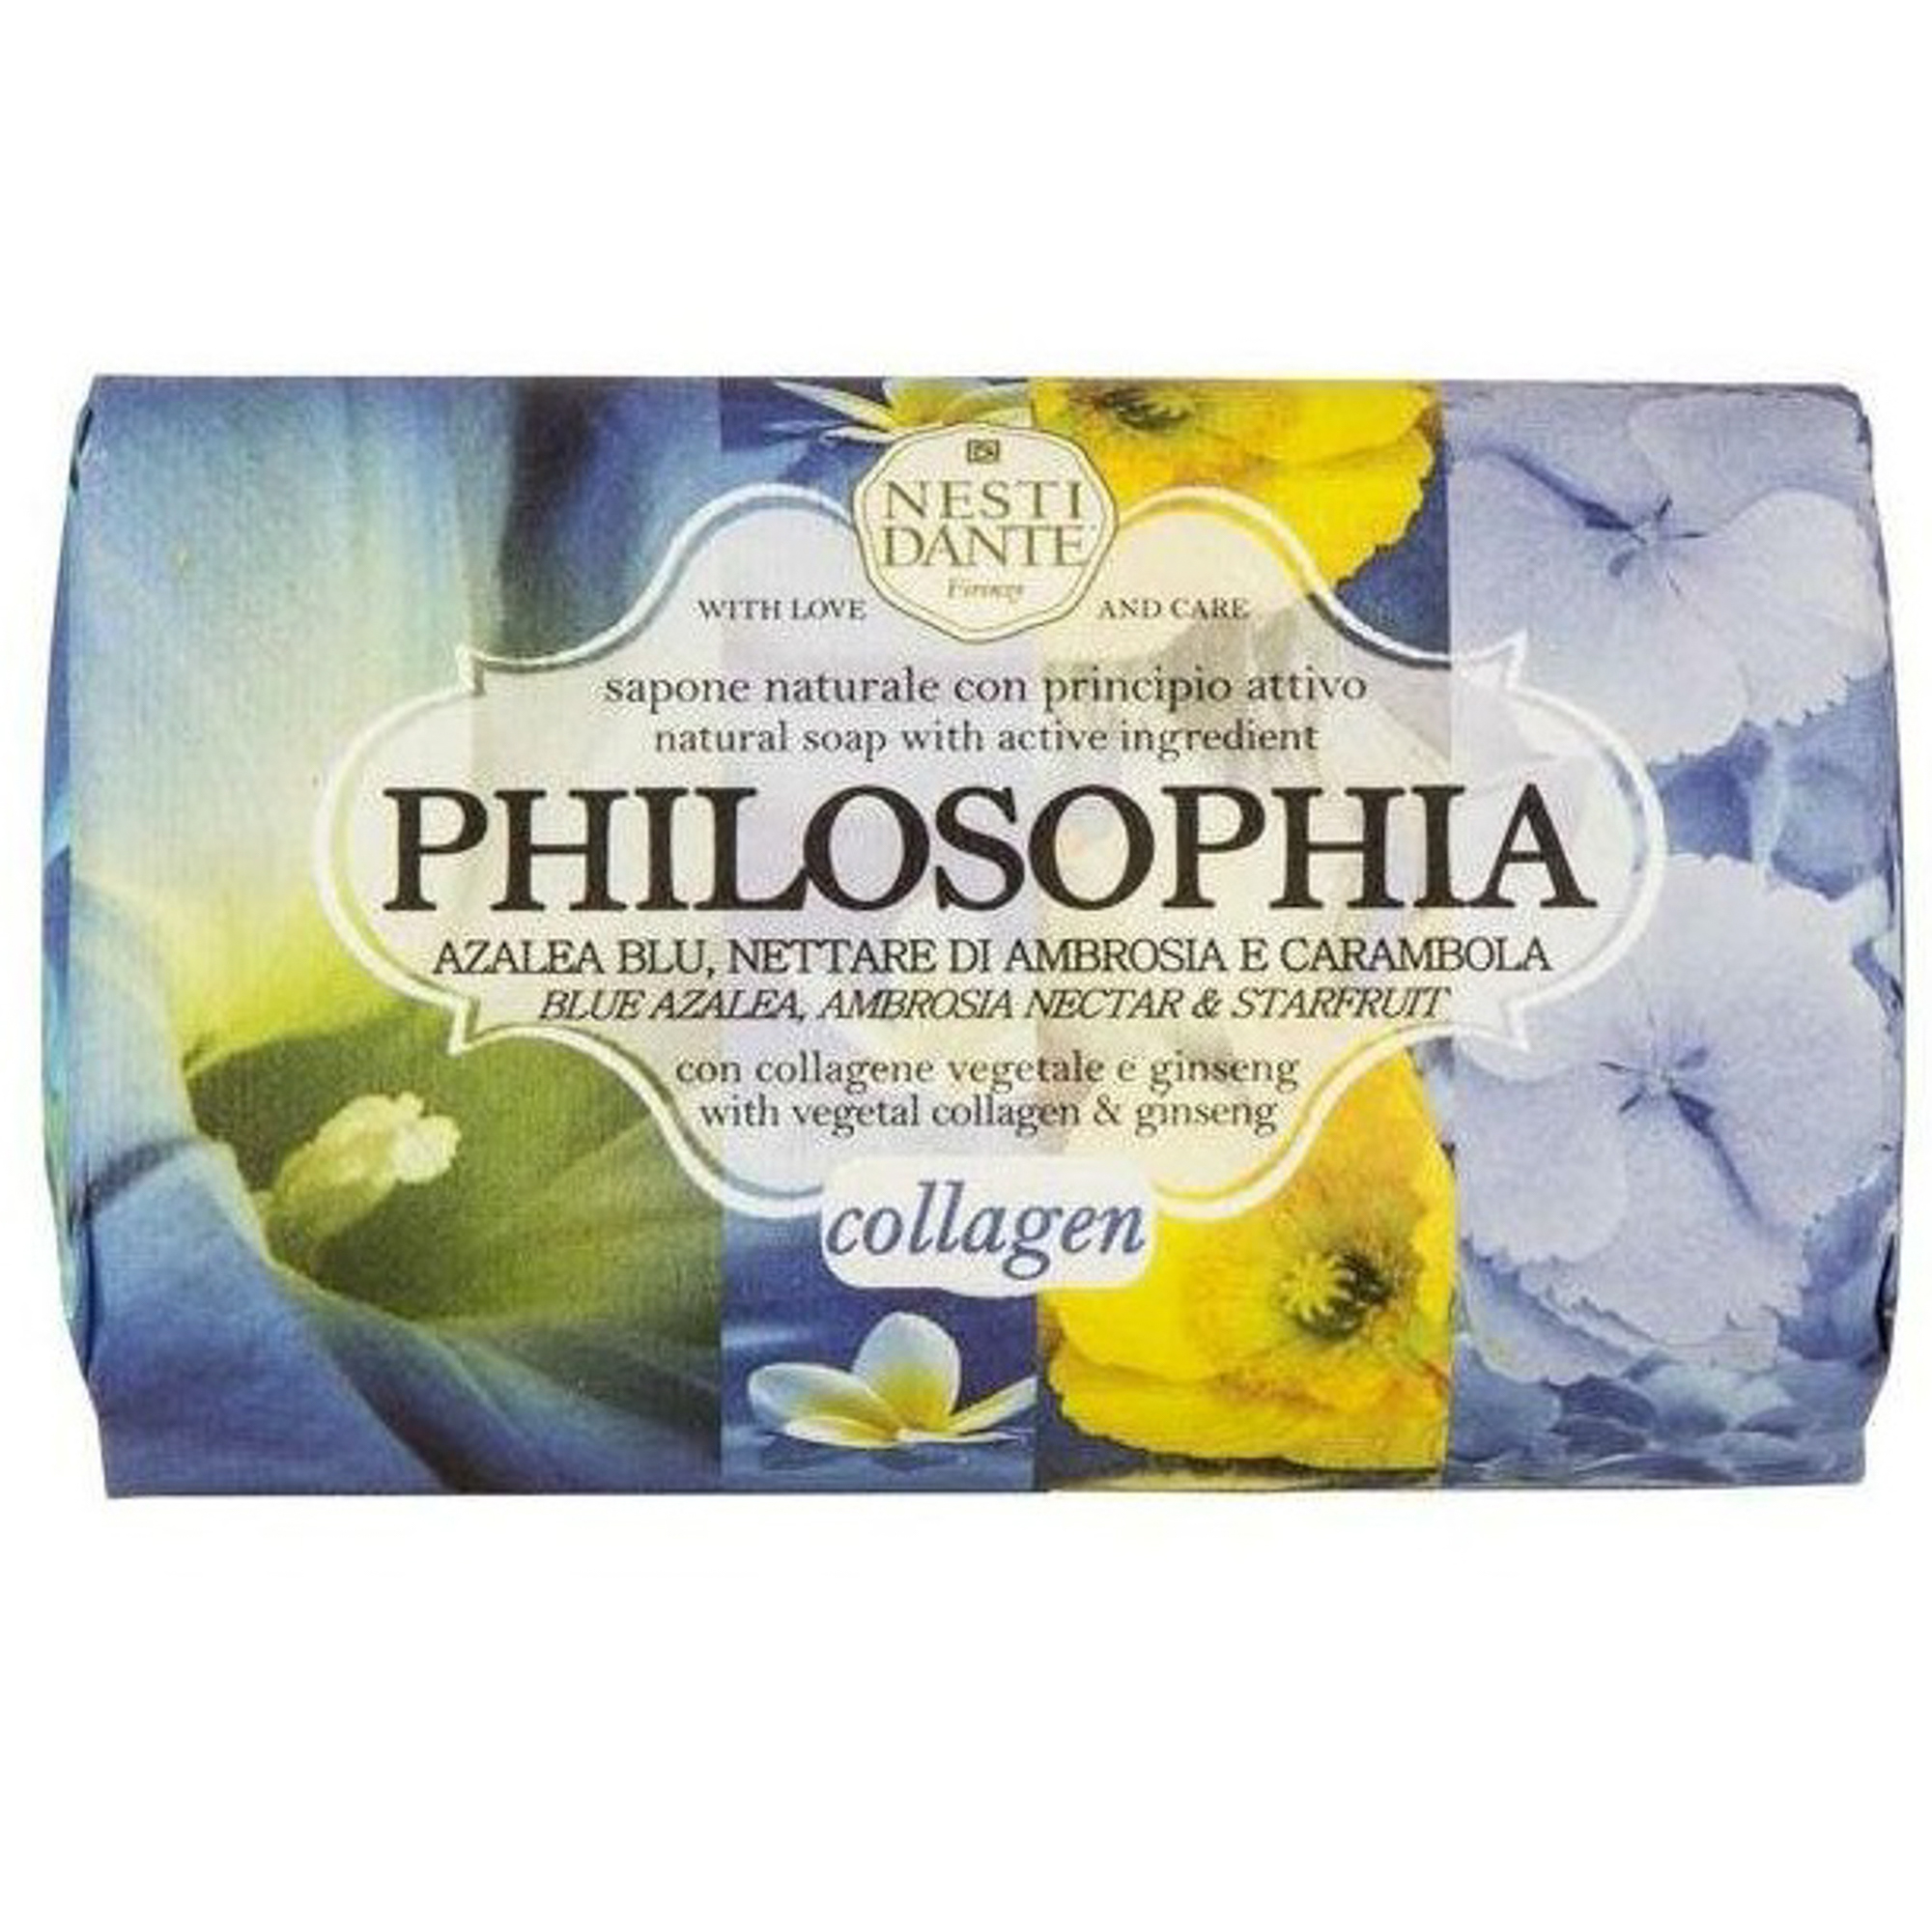 Мыло философия коллаген 250г Nesti dante мыло юбилейное золотое 250г nesti dante